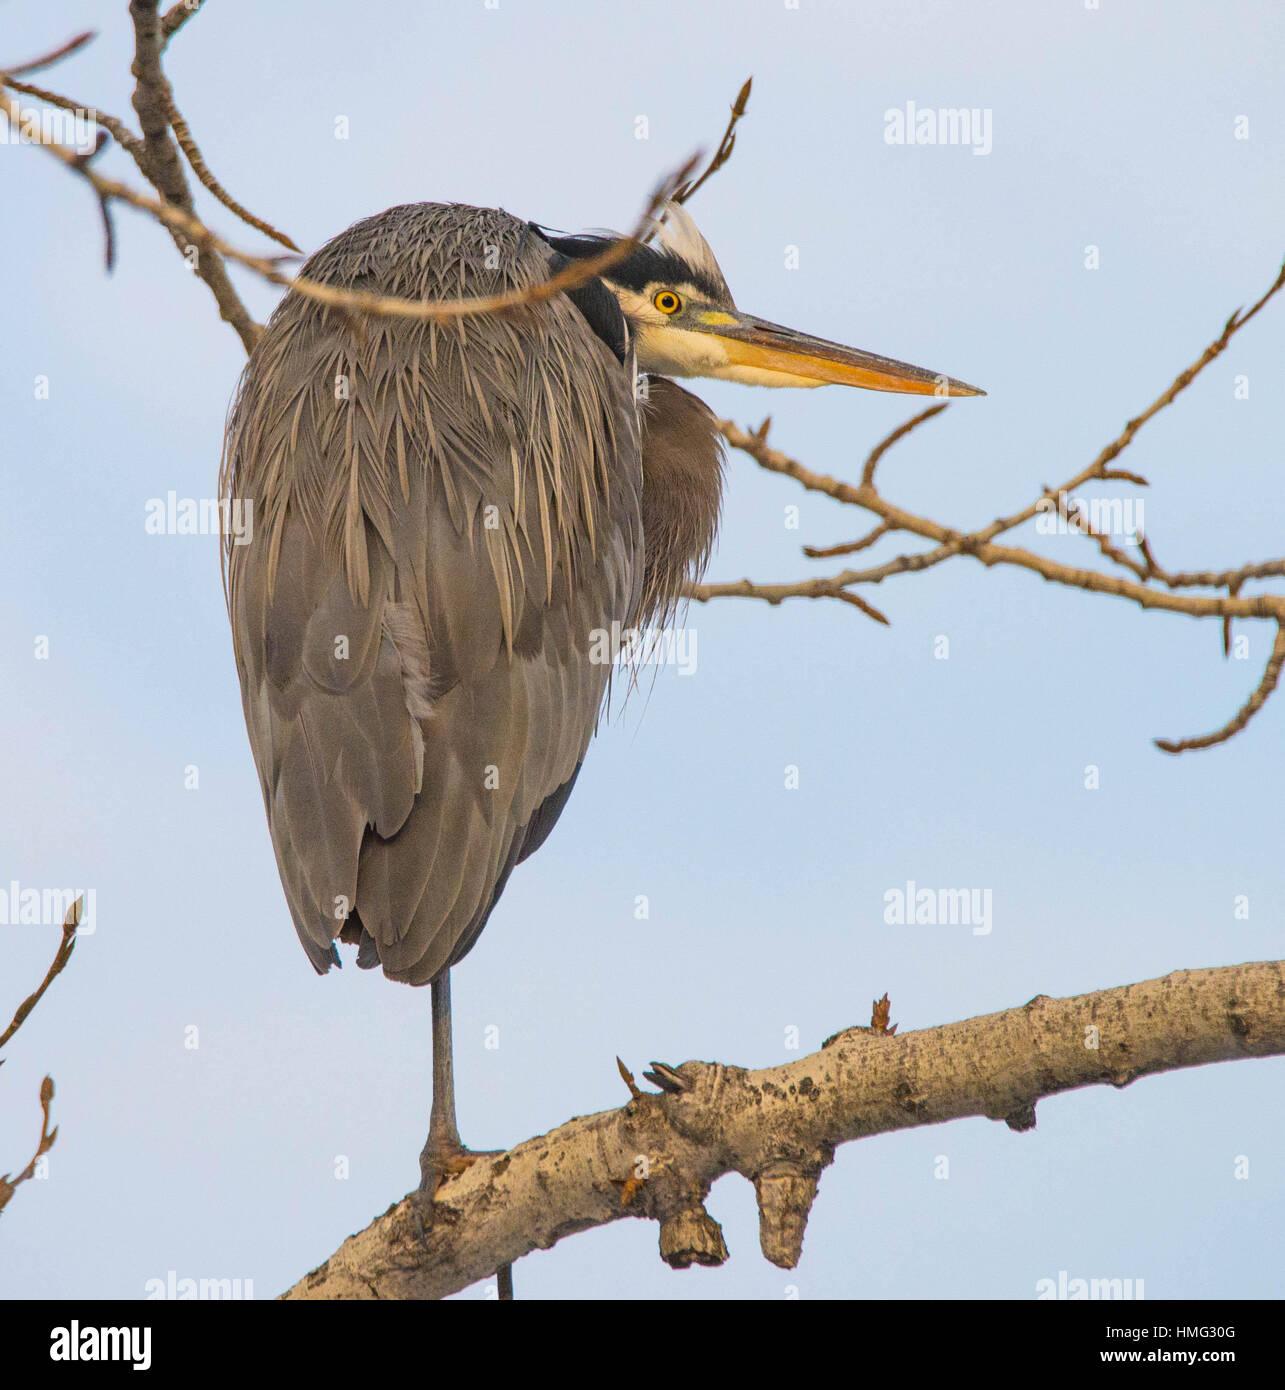 Oiseaux, Grand Héron perché sur un membre de l'arbre en hiver. New York, USA Banque D'Images